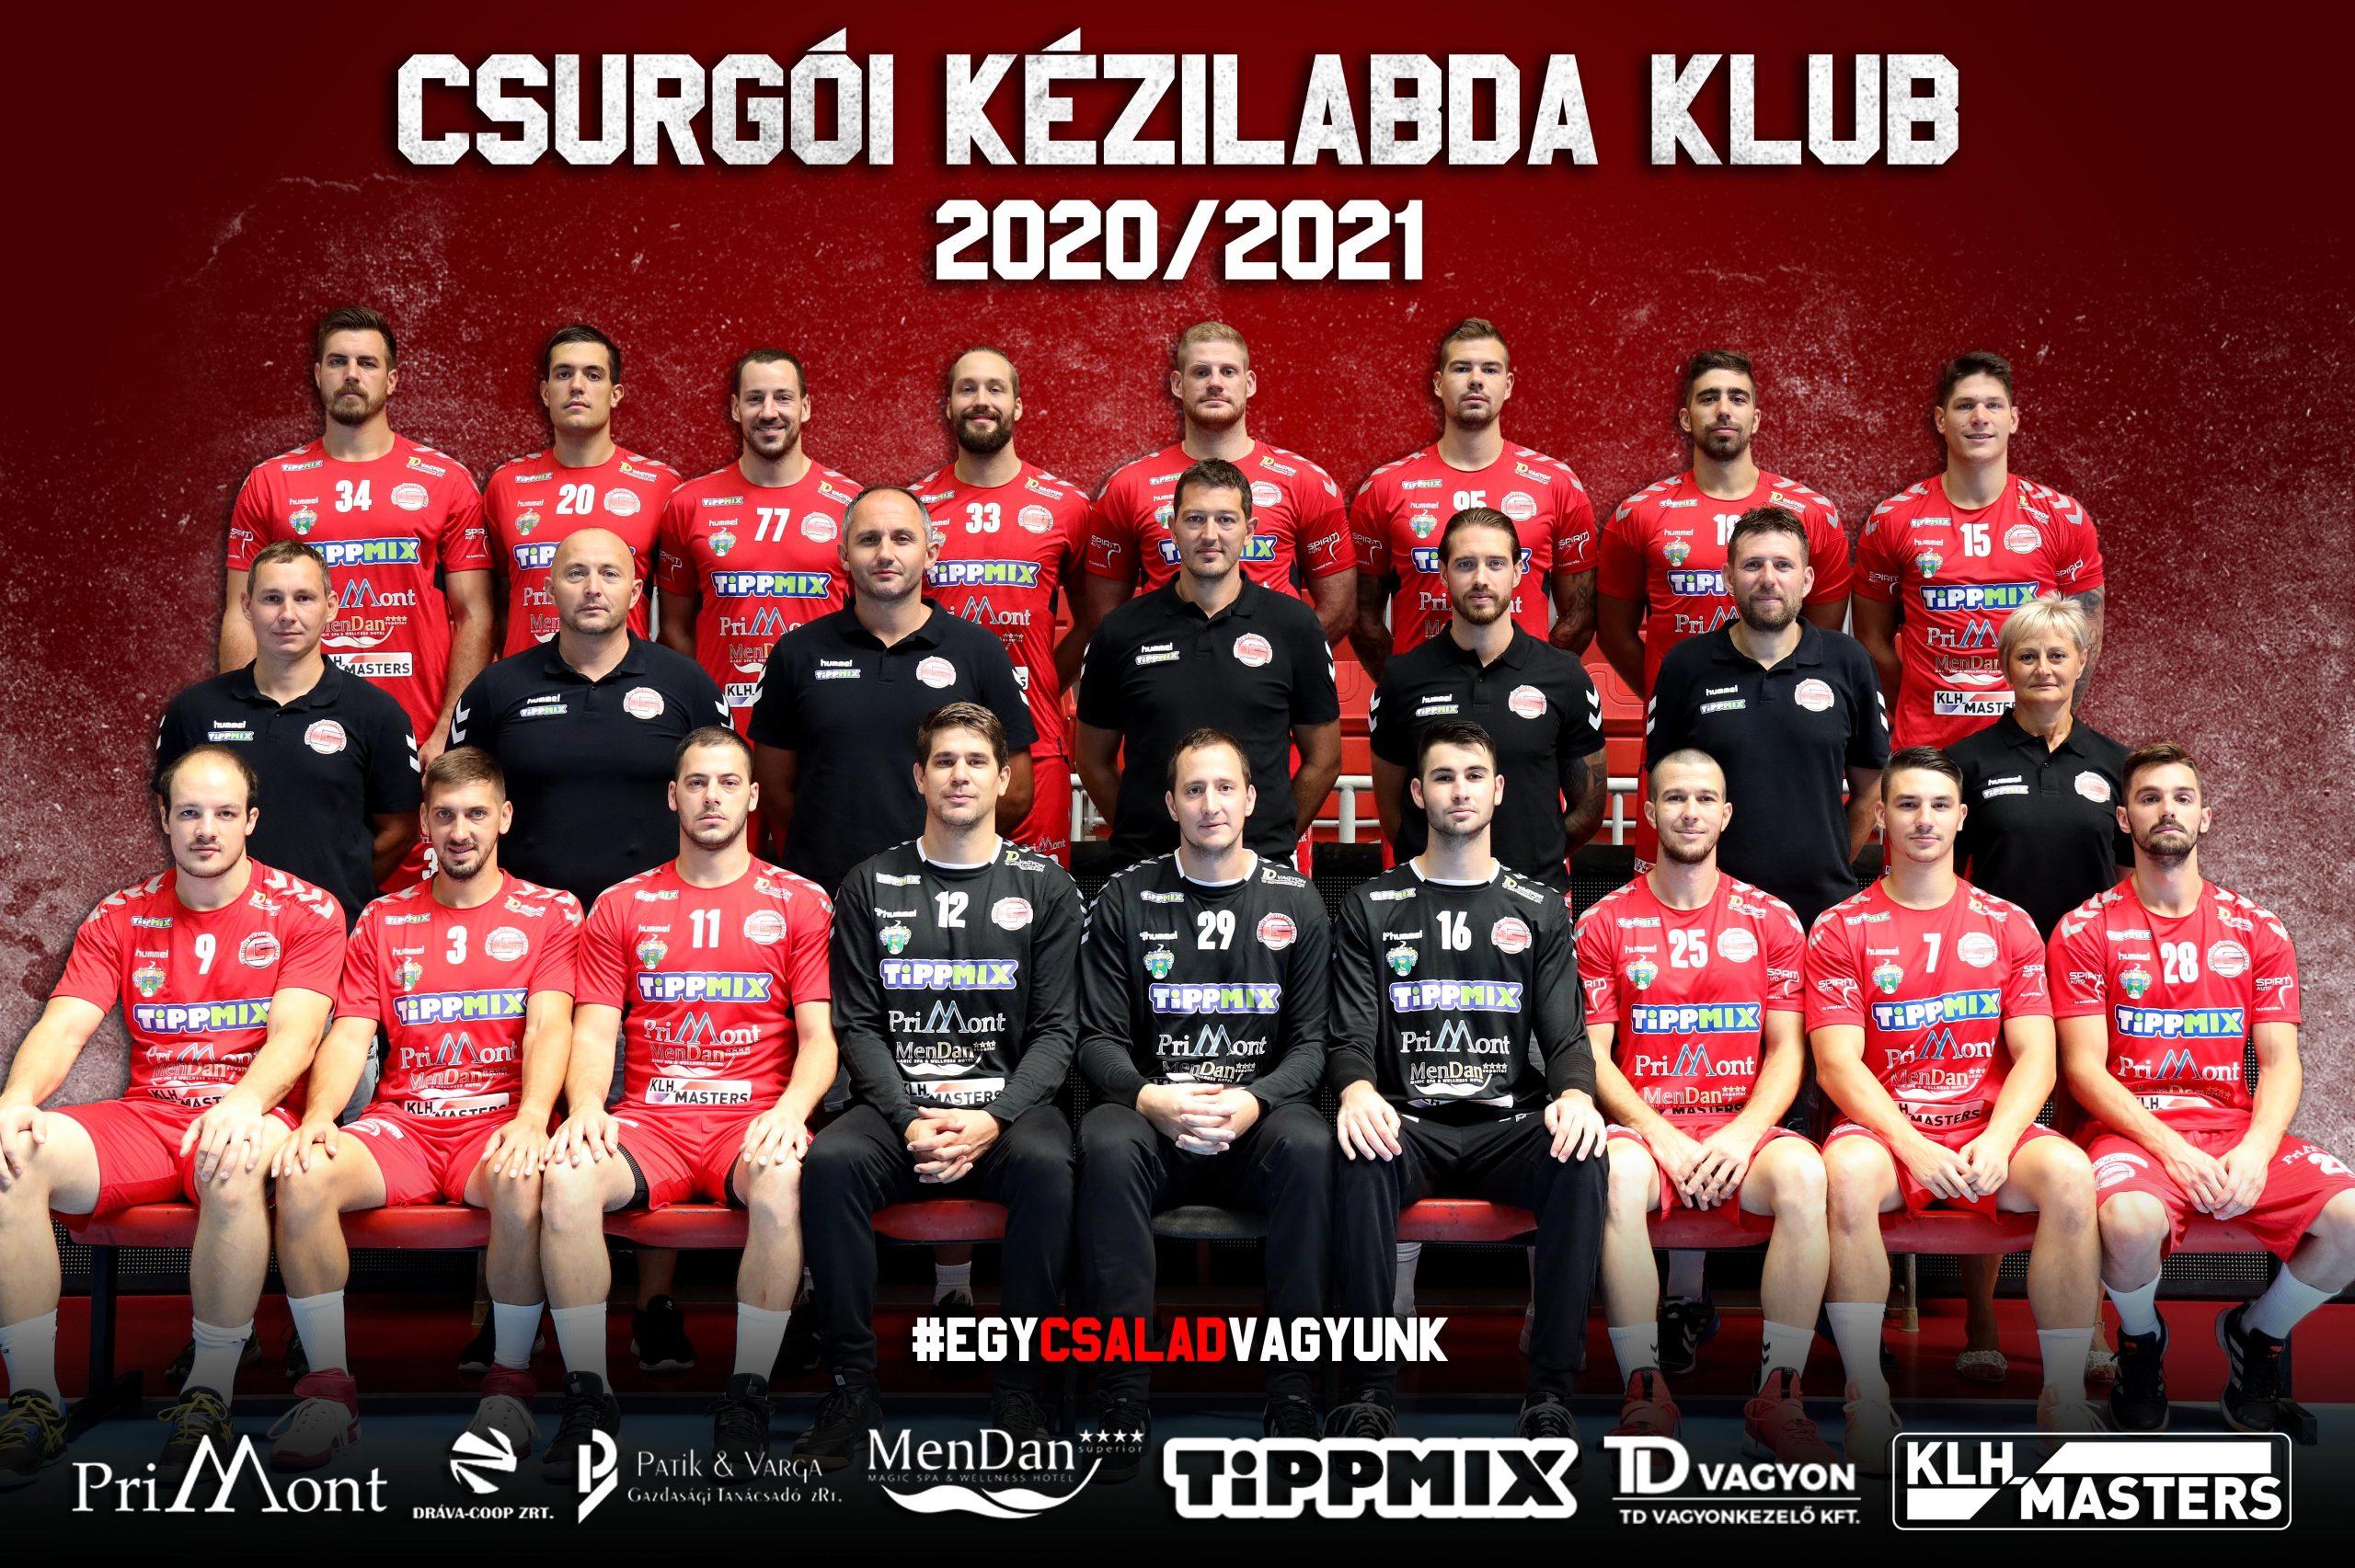 https://cskk.hu/wp-content/uploads/Csapat_kepek/2021/Csurgói-KK-csapatfotó-2020-21_finish-scaled.jpg